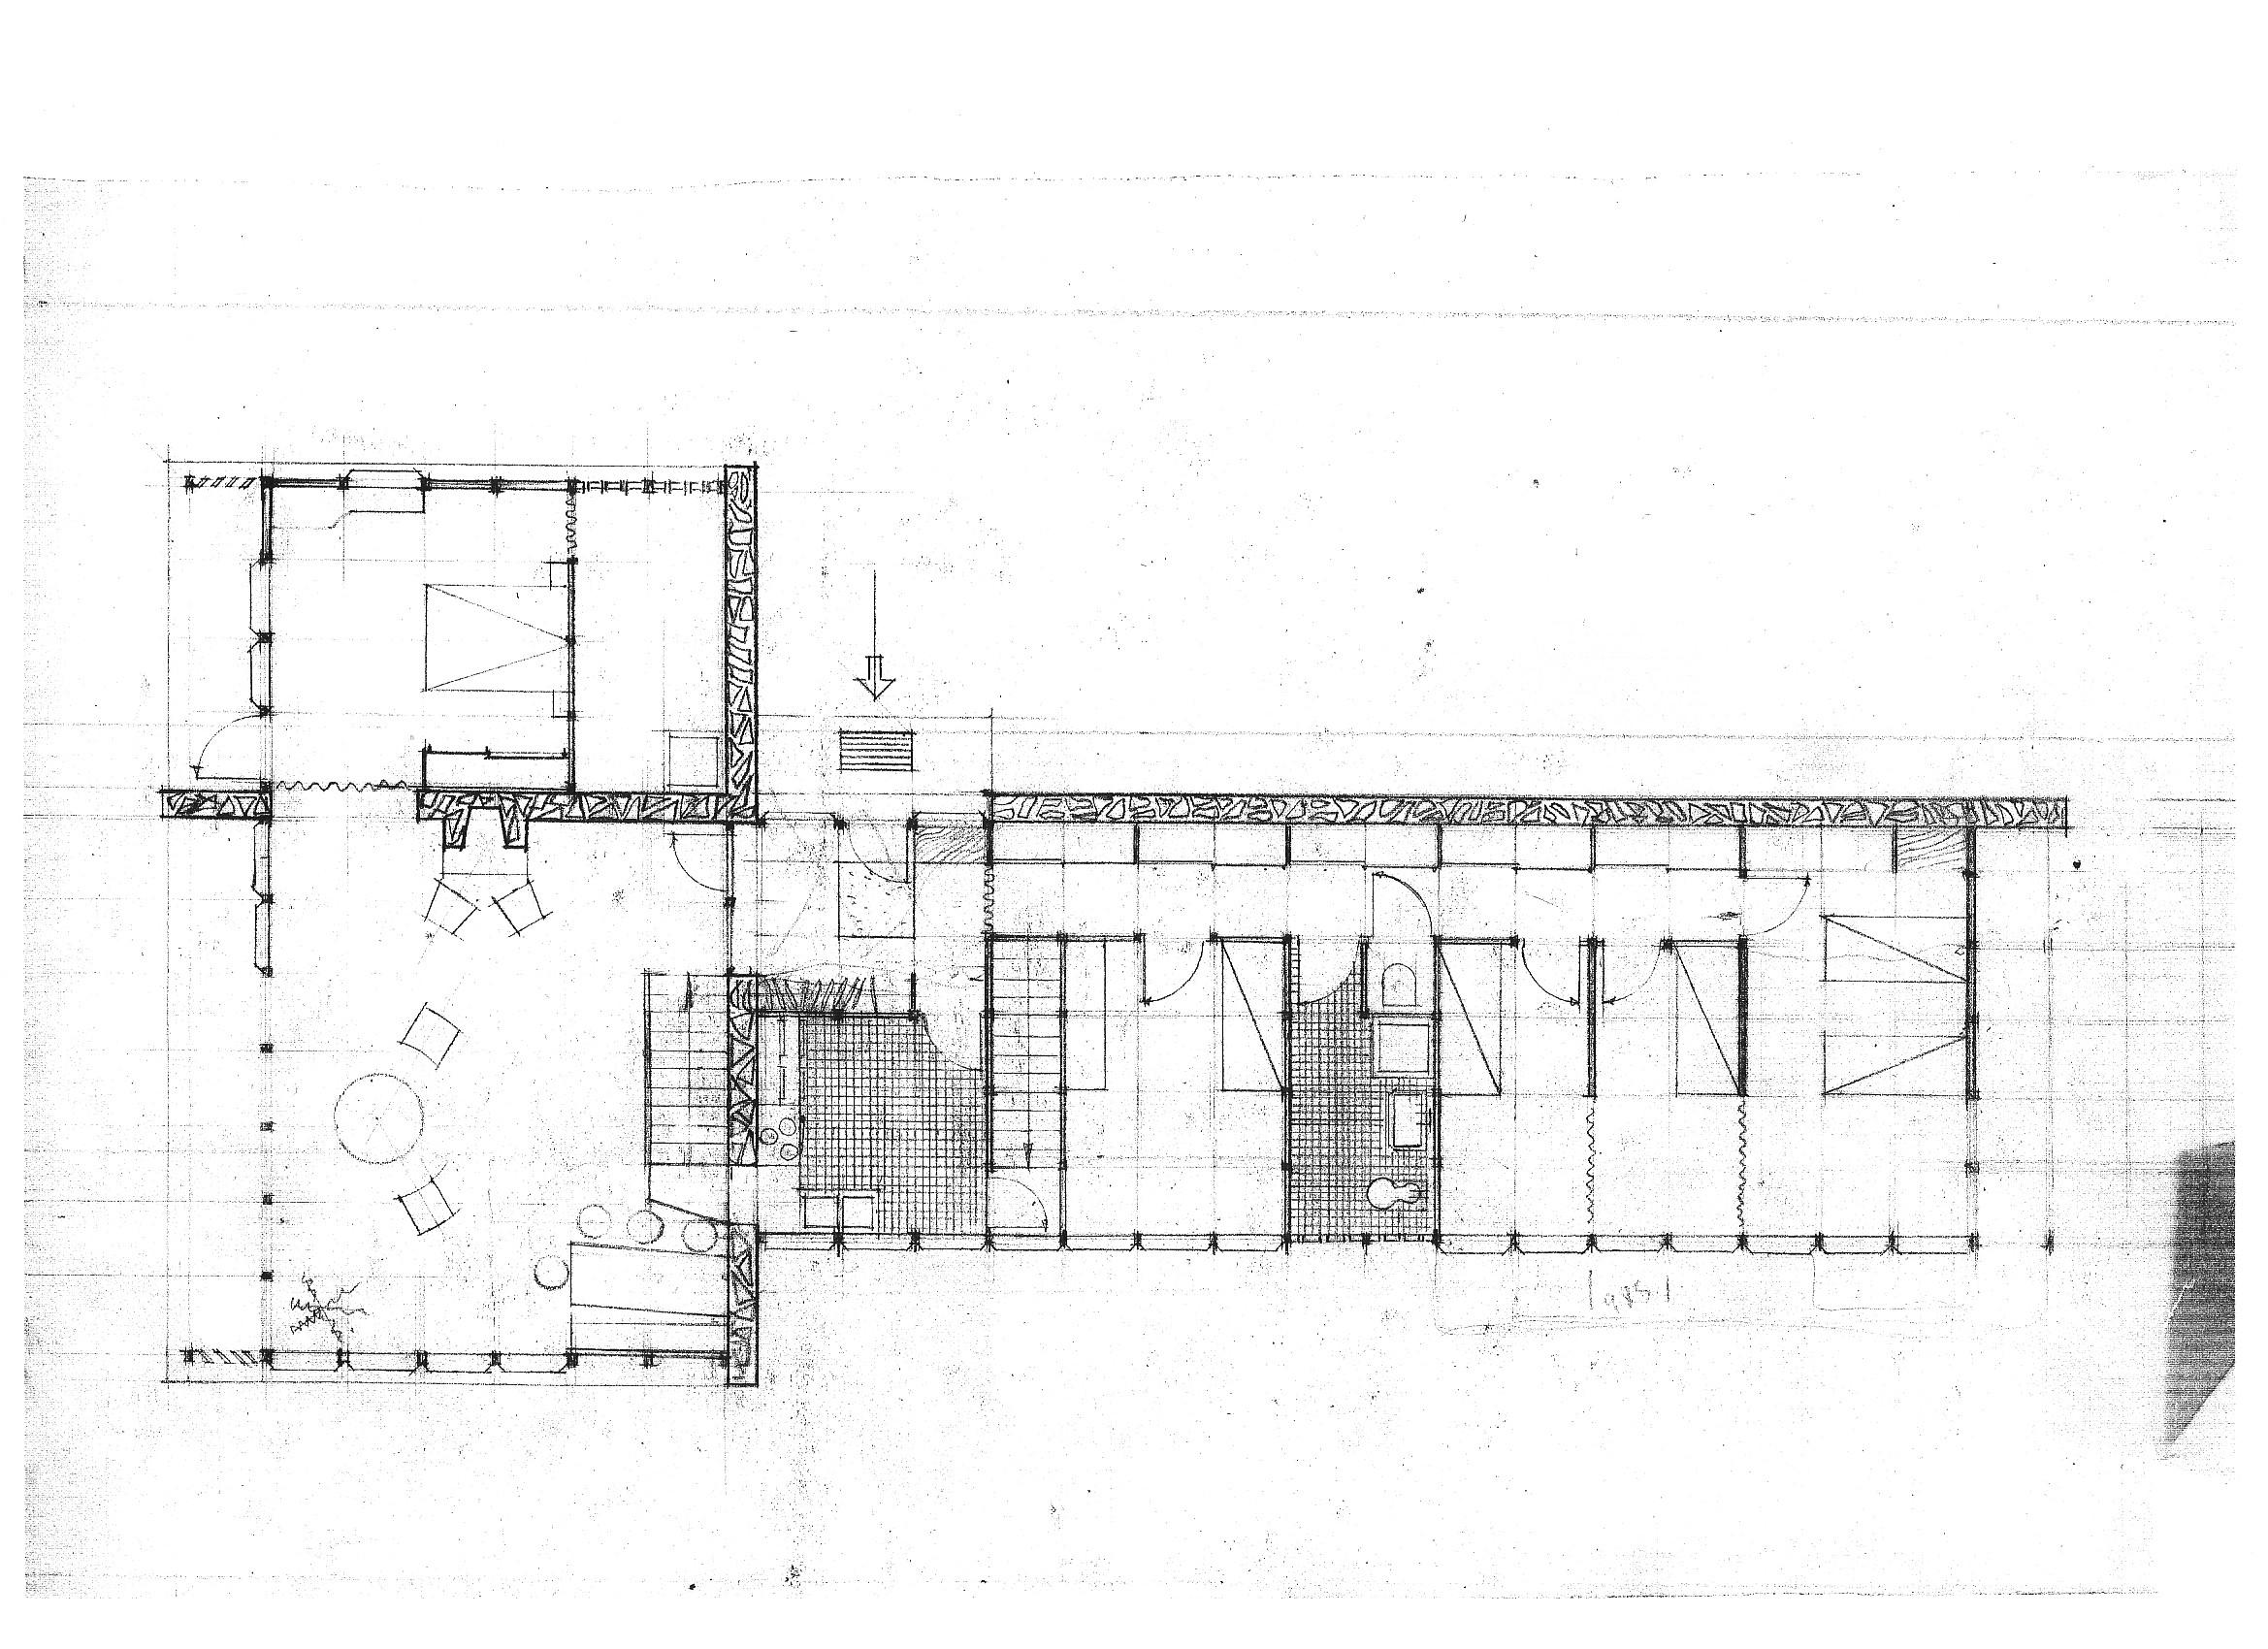 1.11_131J_(15)_Maison Dollander Remiremont_ADMM fonds Henri Prouvé.jpg